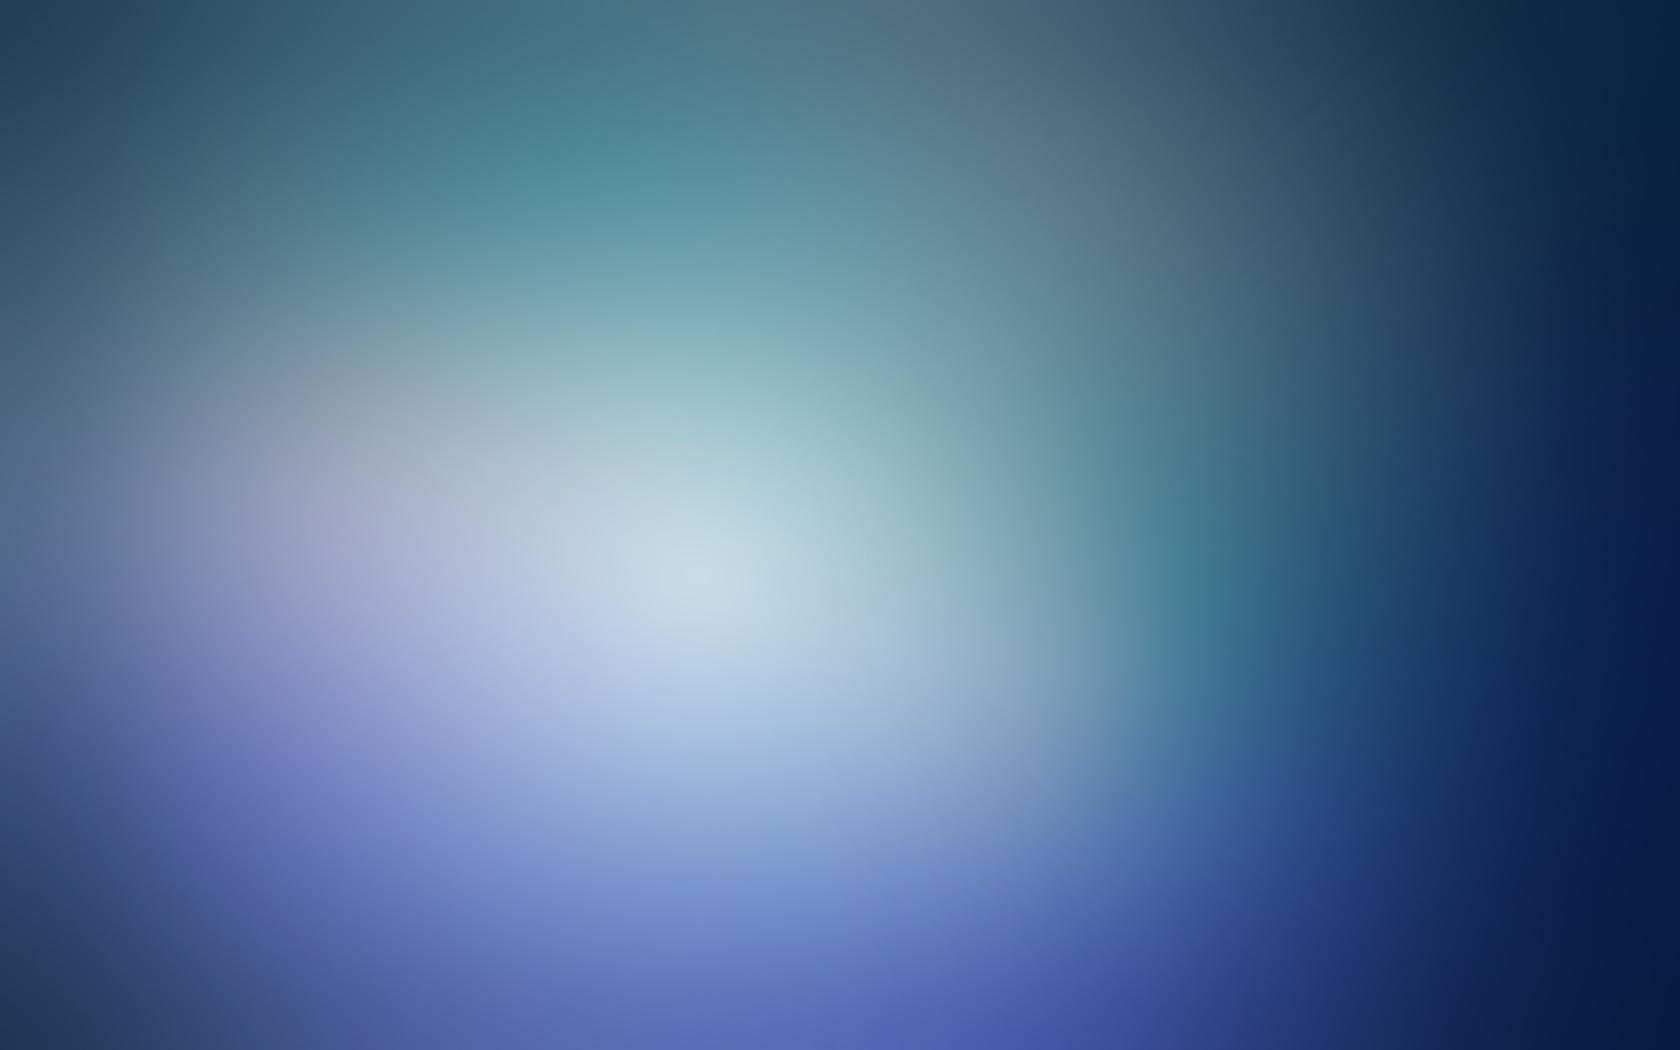 Blue minimalistic blurry gaussian blur (1680x1050)